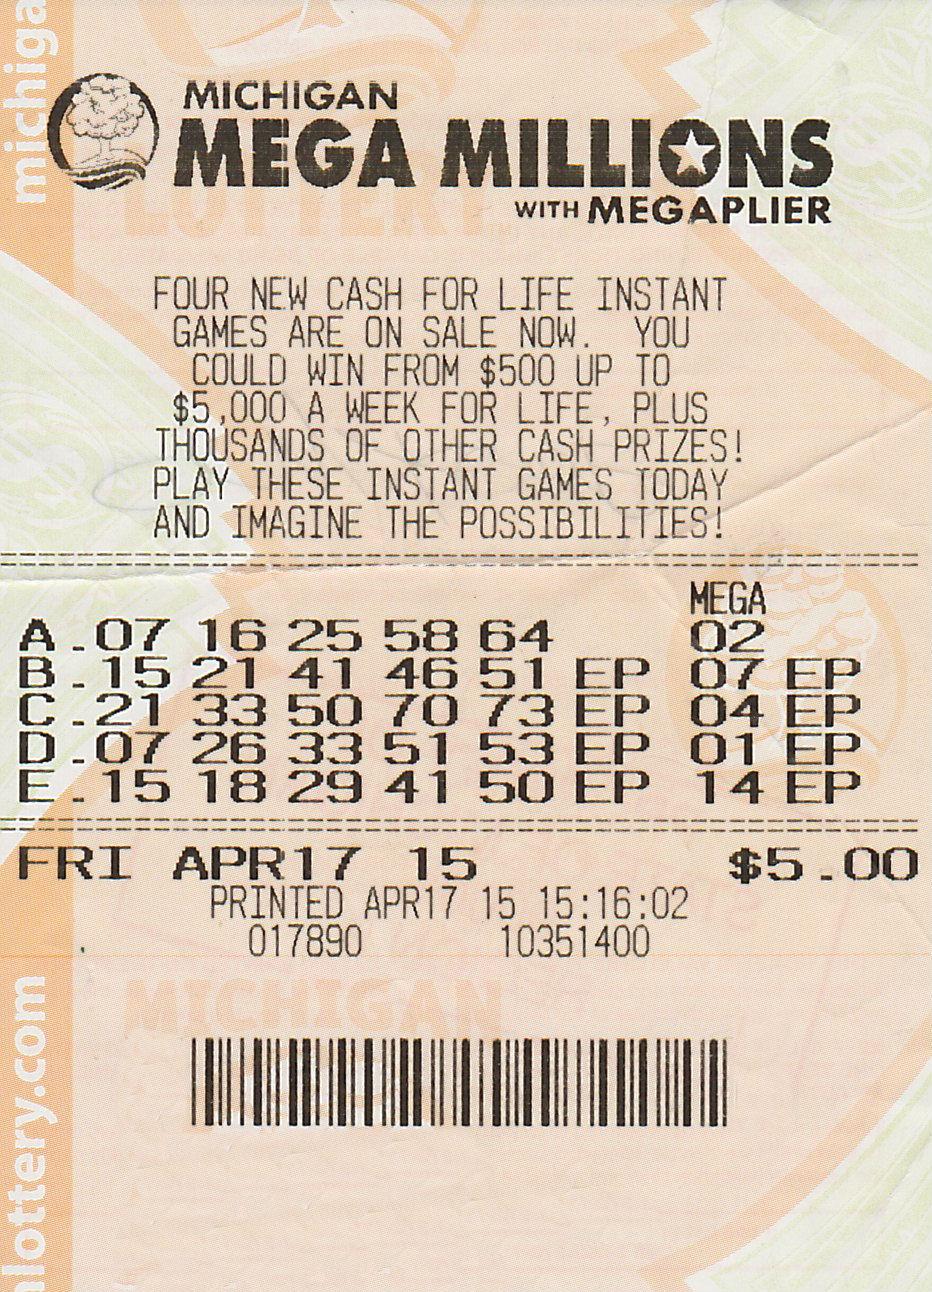 04-29-15-mega-millions-04-17-15-draw-1-m